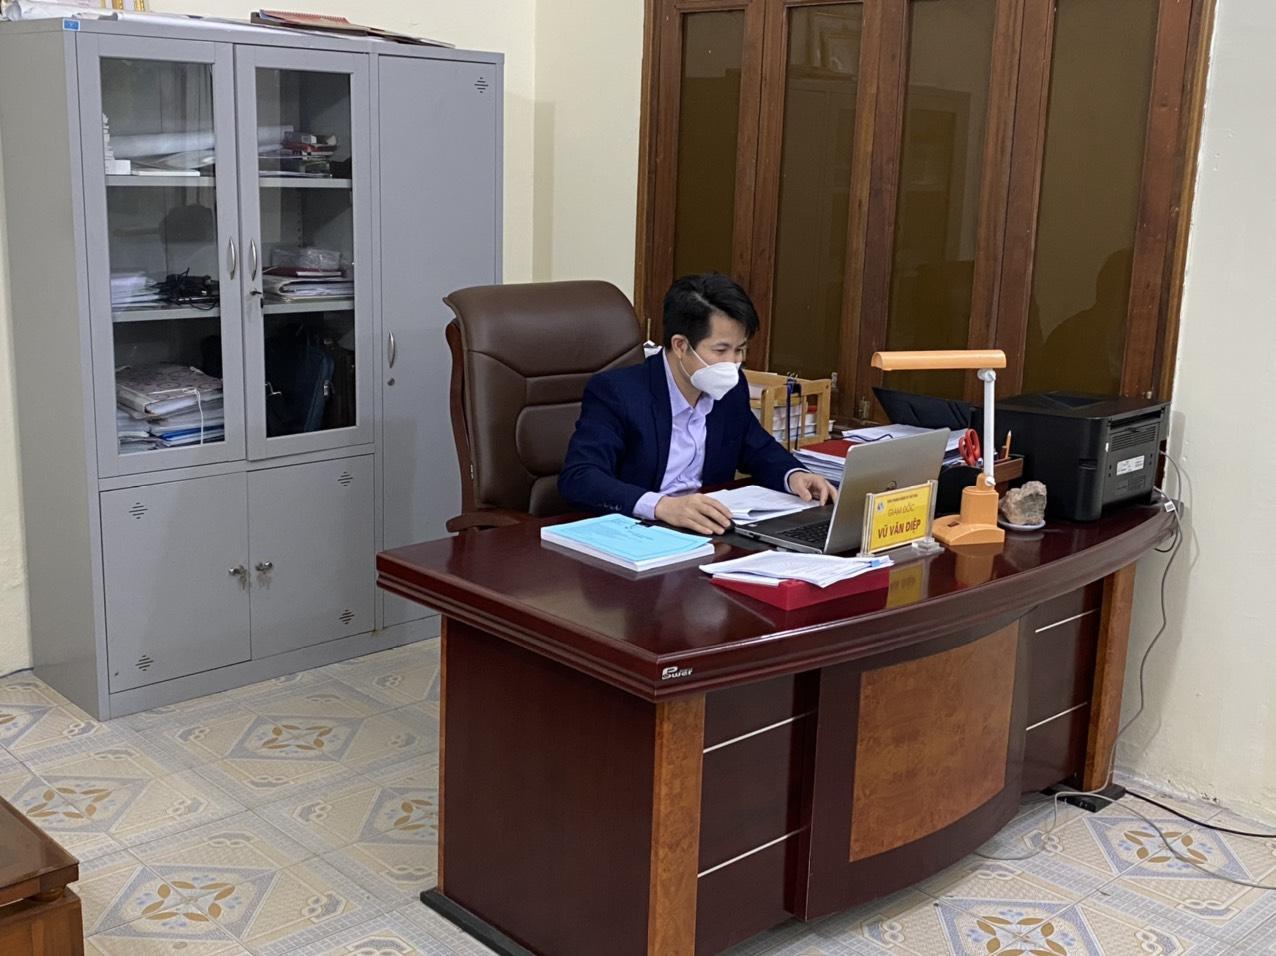 D:\Văn phòng\Tổng hợp bài viết 2019\2020\5b77da302b83d0dd8992.jpg